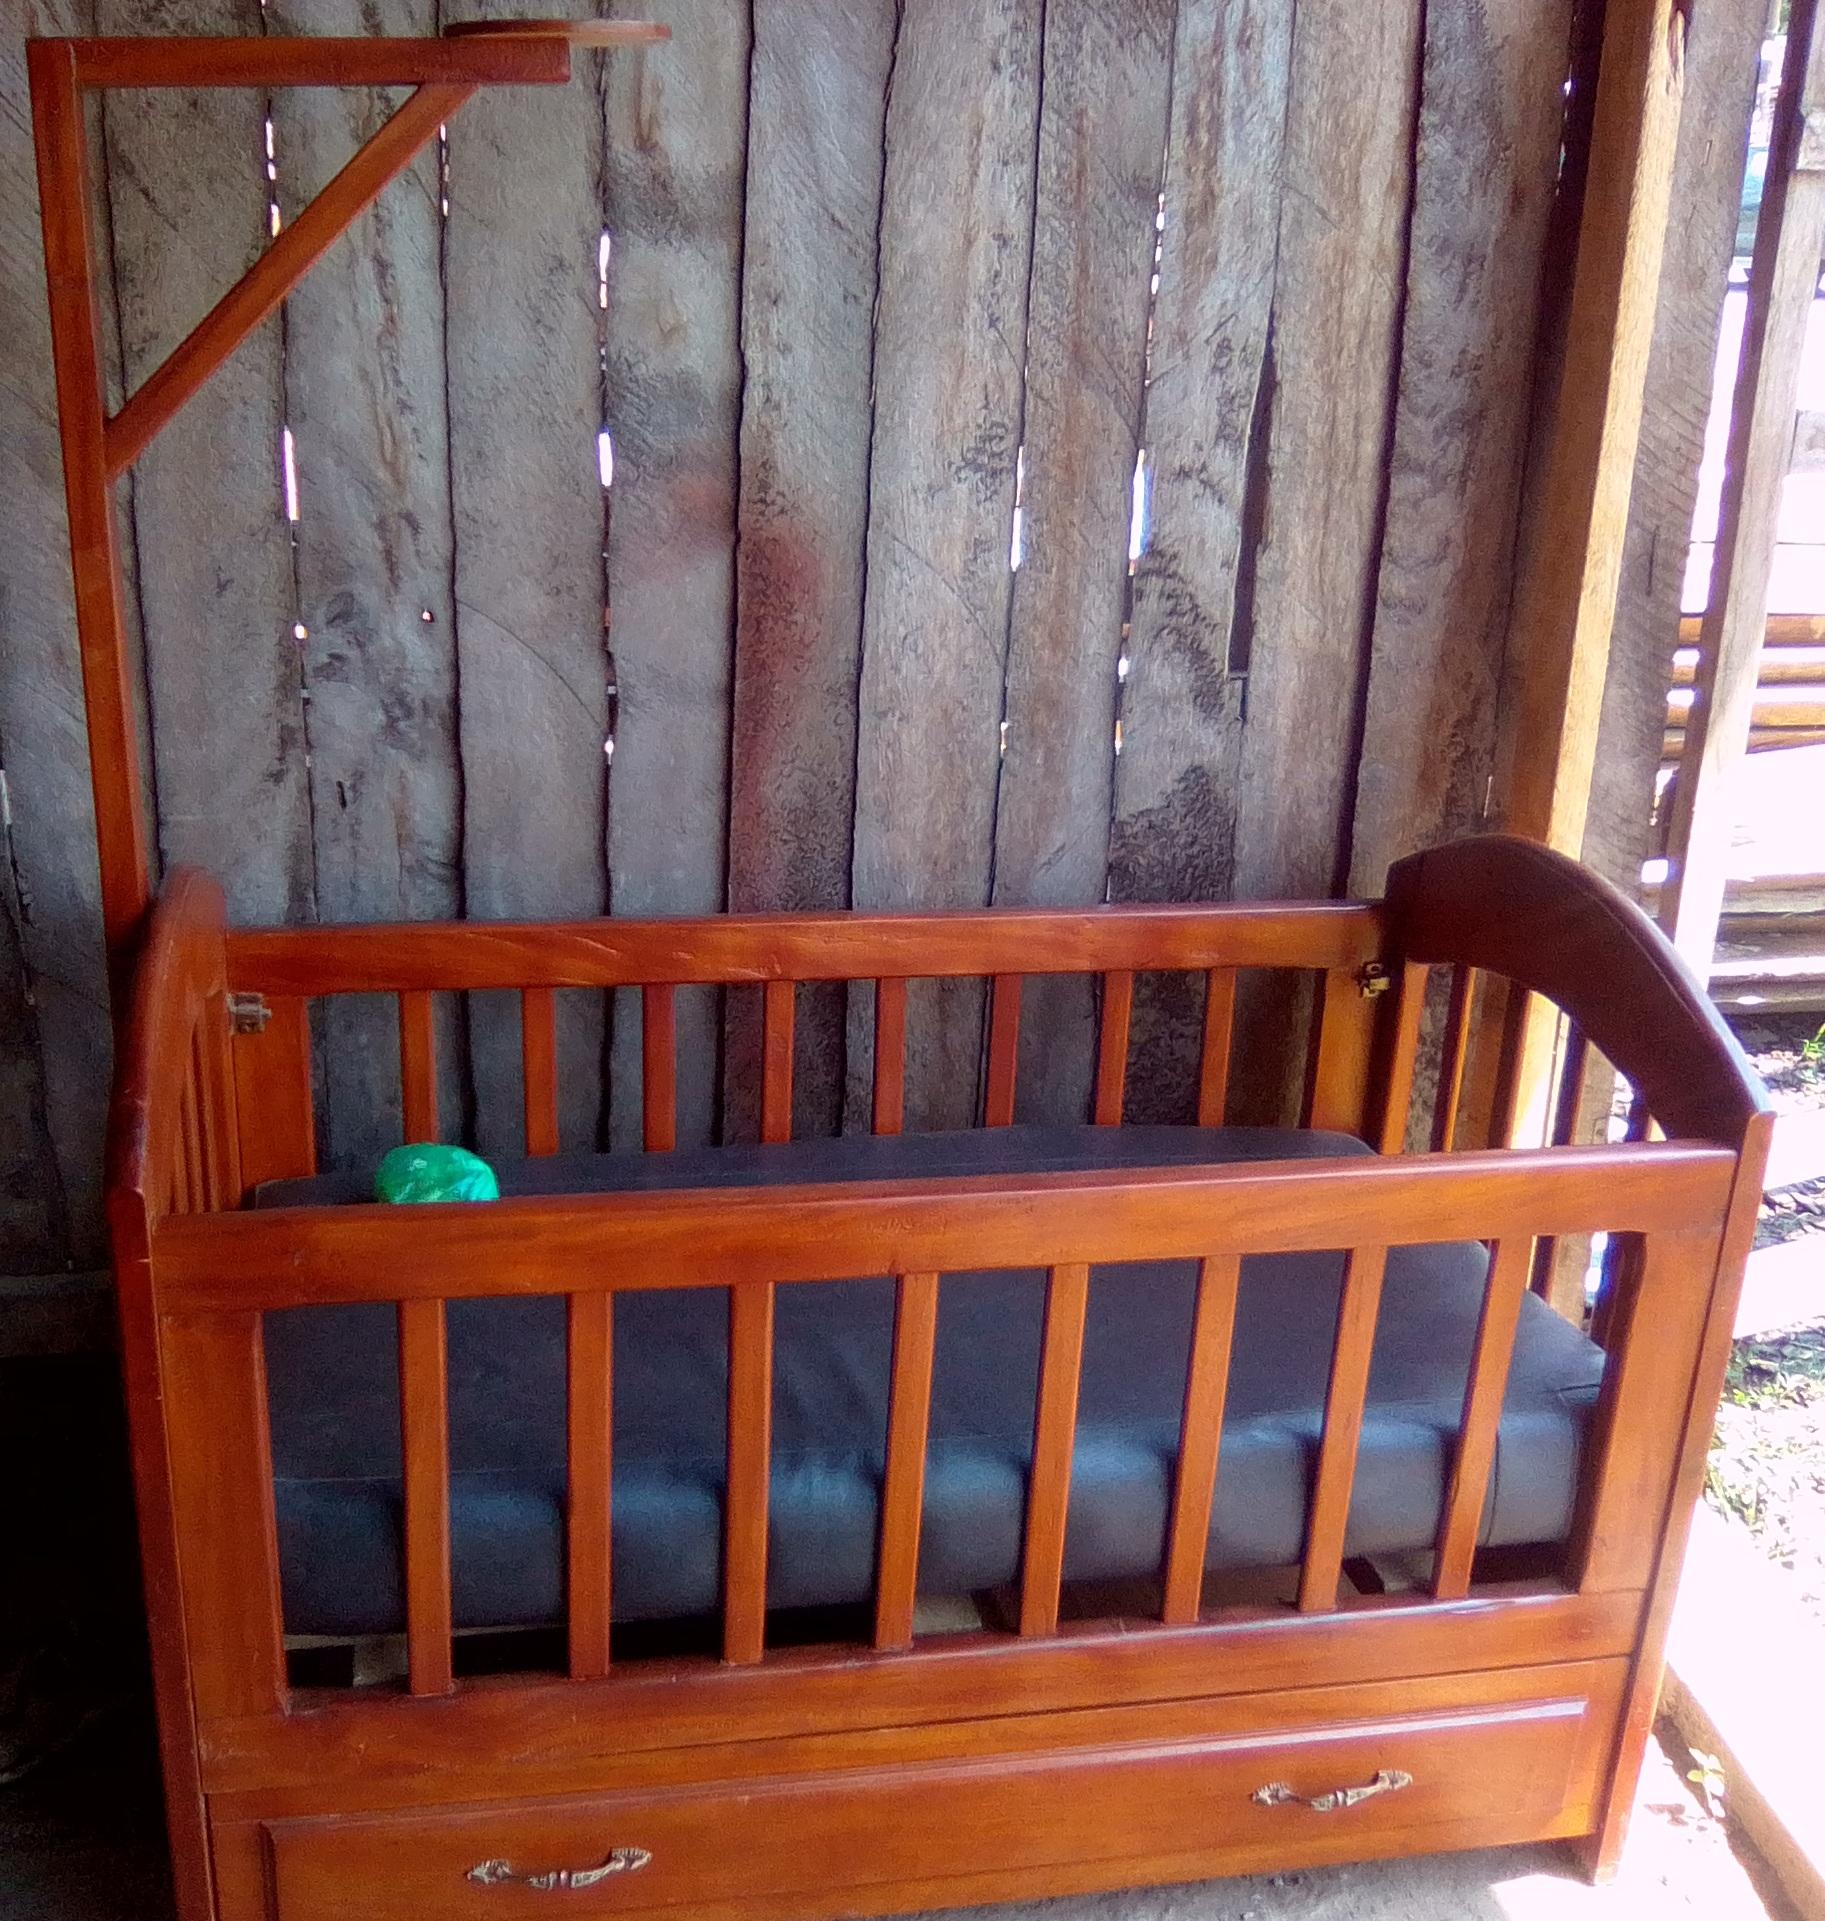 Lit pour bébé, idéal pour 0 à 2-3 ans. Inclus matelas et protège-matelas. En excellent état !